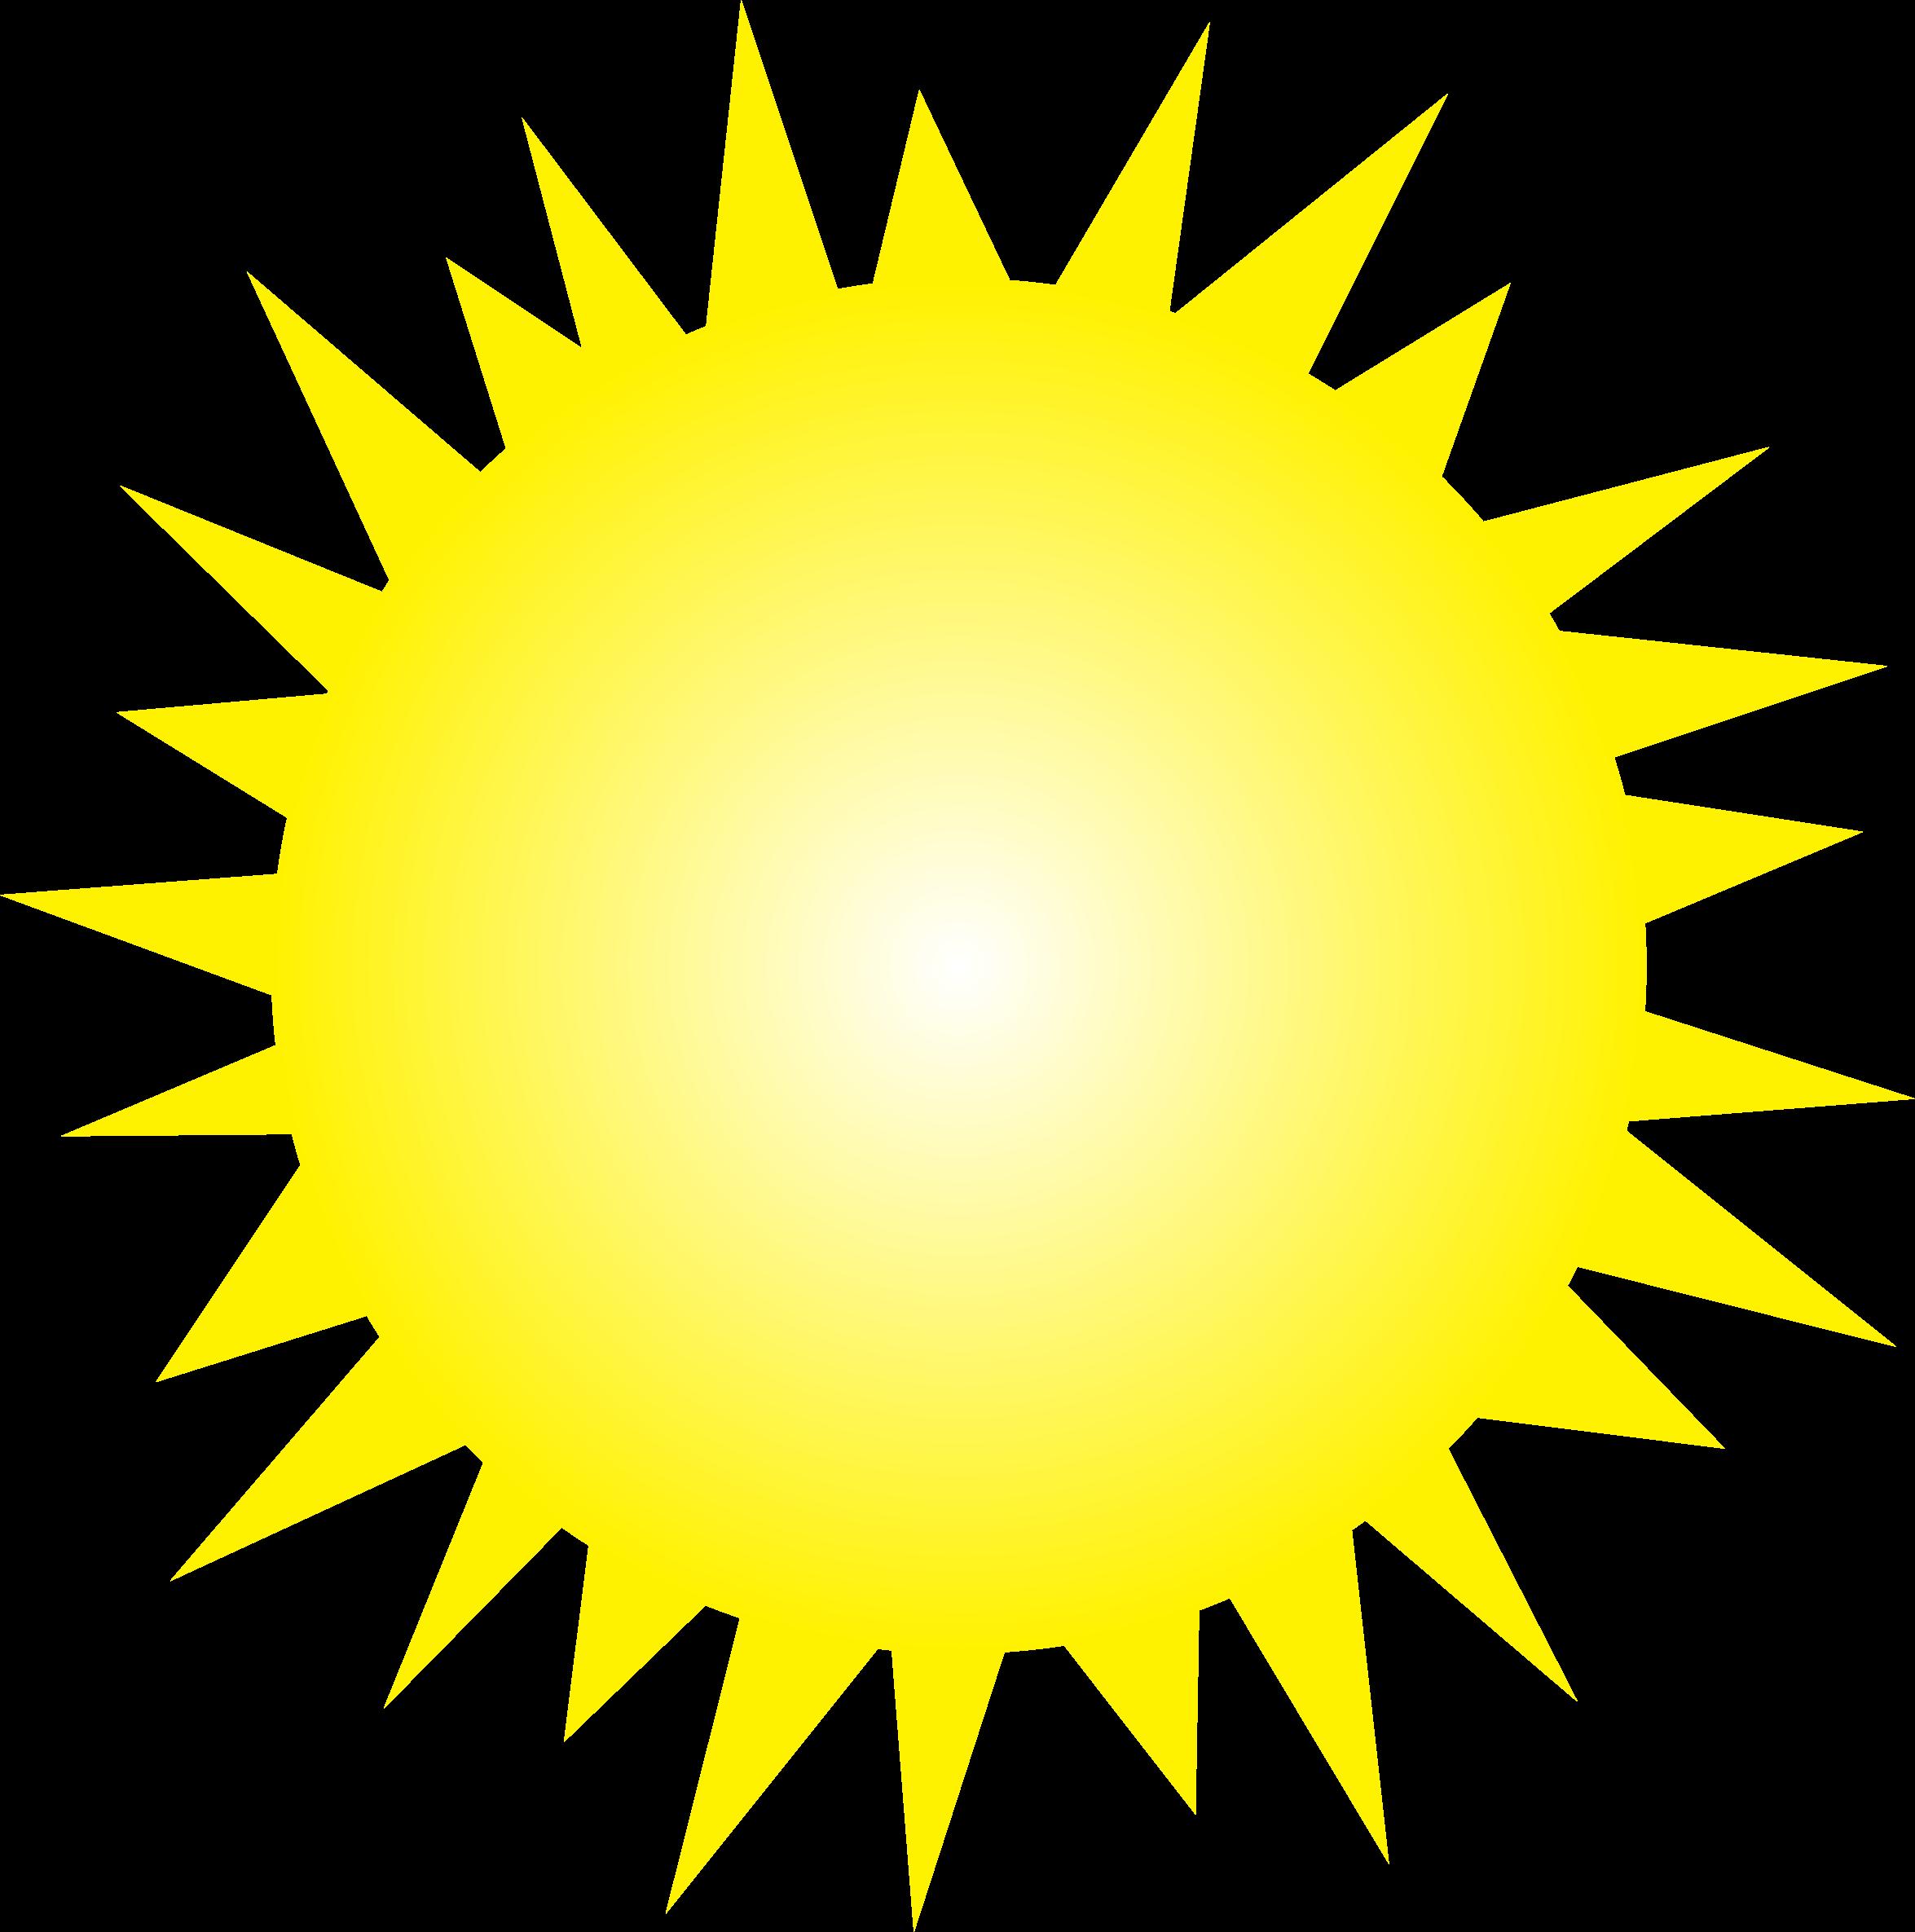 Clipart sun 1 2